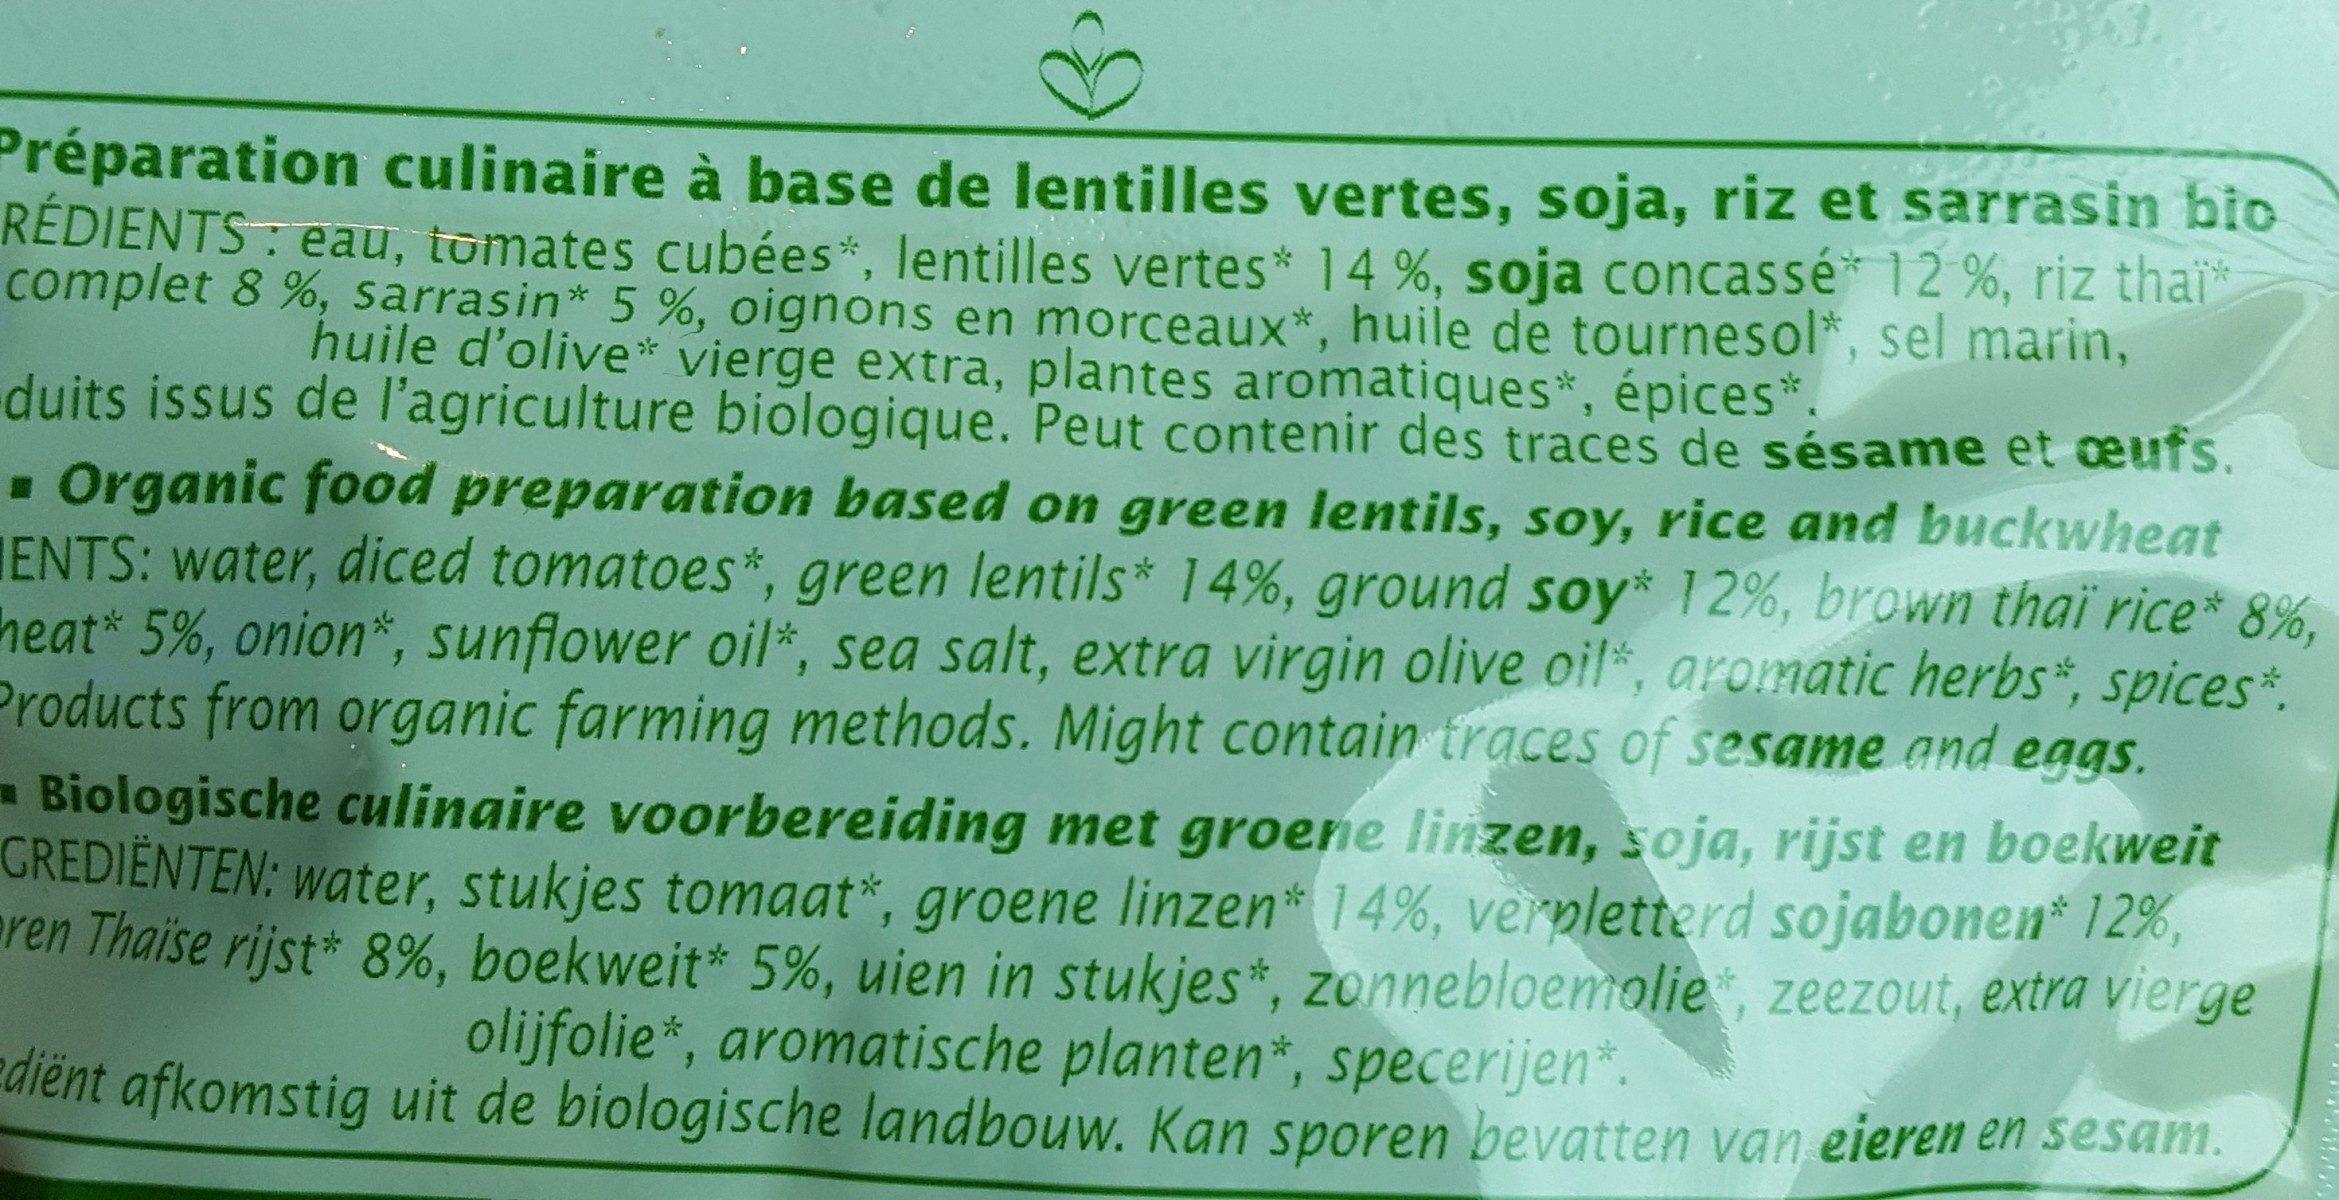 Céréales et lentilles cuisinées - Ingredients